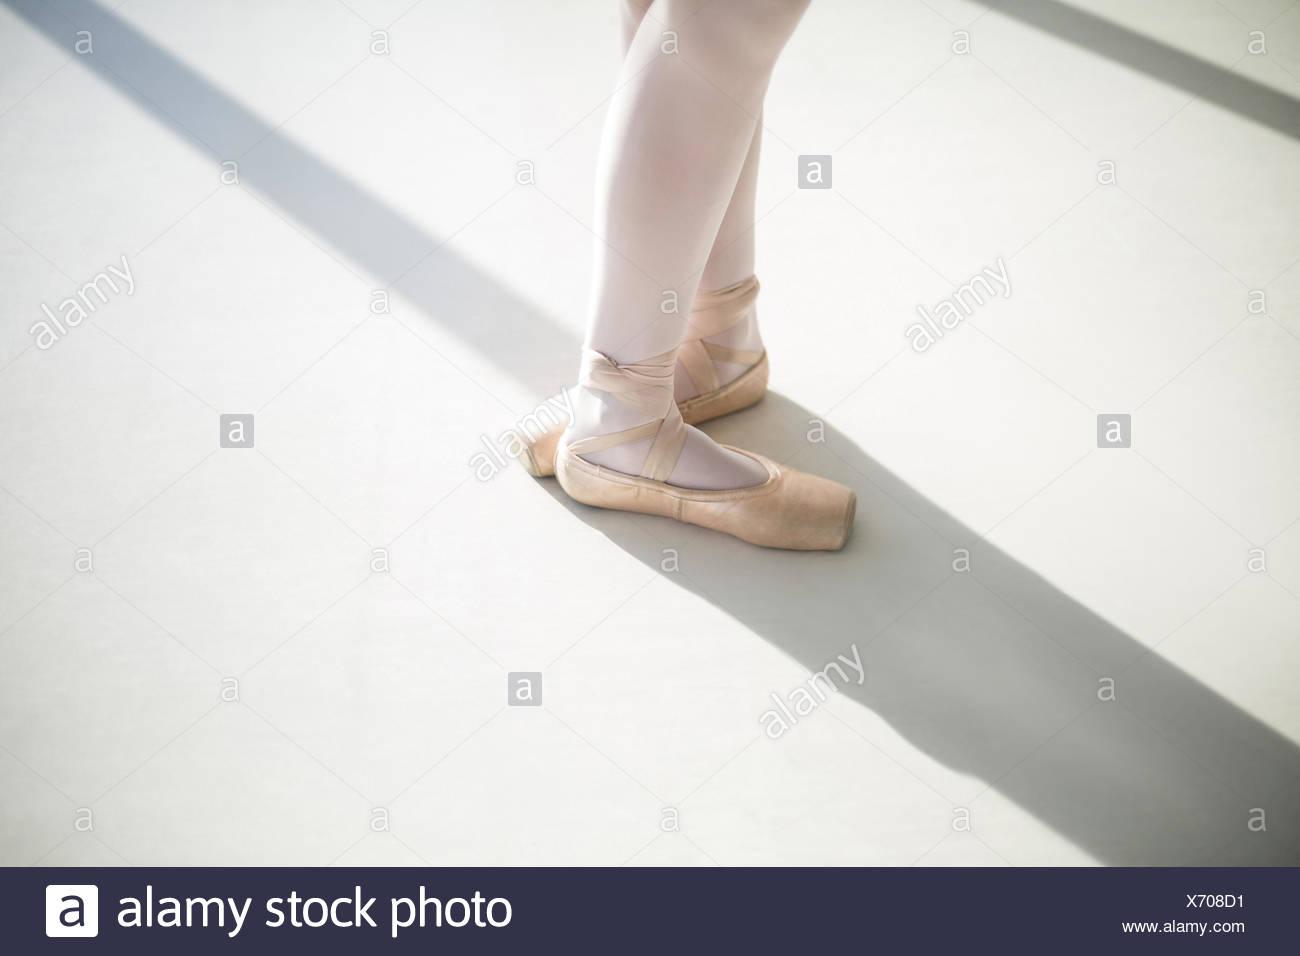 91ae80fe5 Sección bajo los pies de los bailarines realizando el ballet de ...